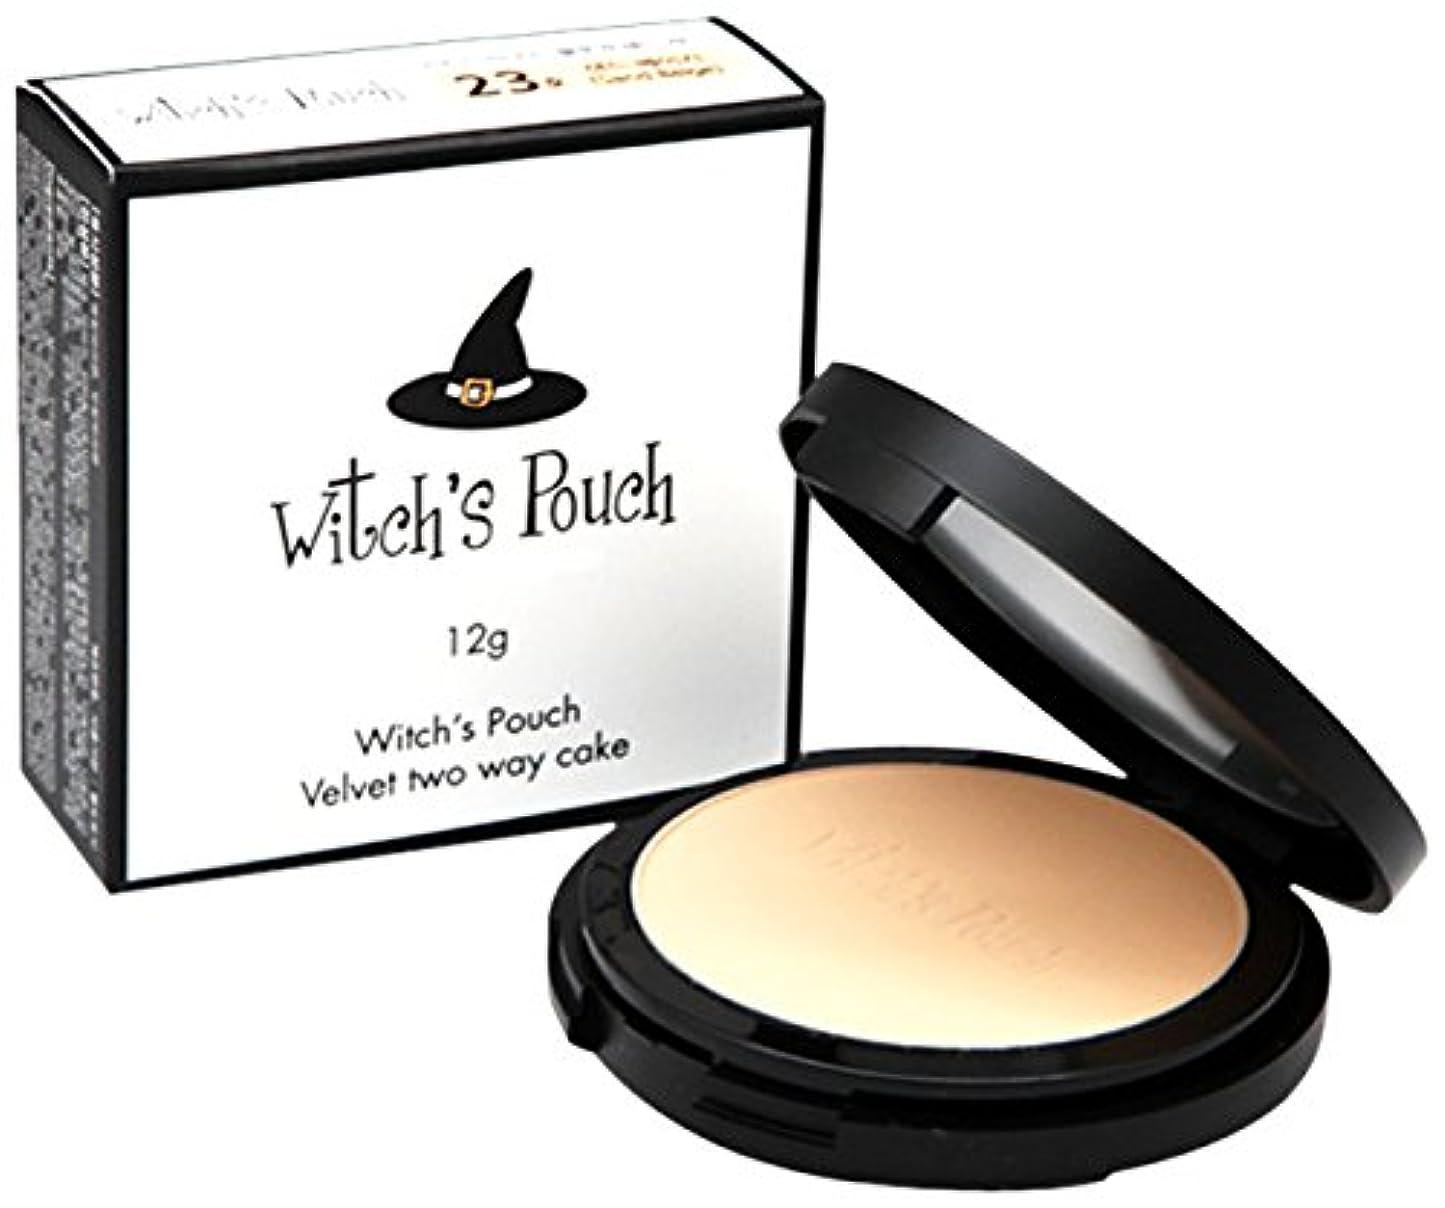 申込み伝説喉が渇いたWitch's Pouch ウィッチズポーチ ヴェルベットトゥーウェイケーキ 21ナチュラルベージュ